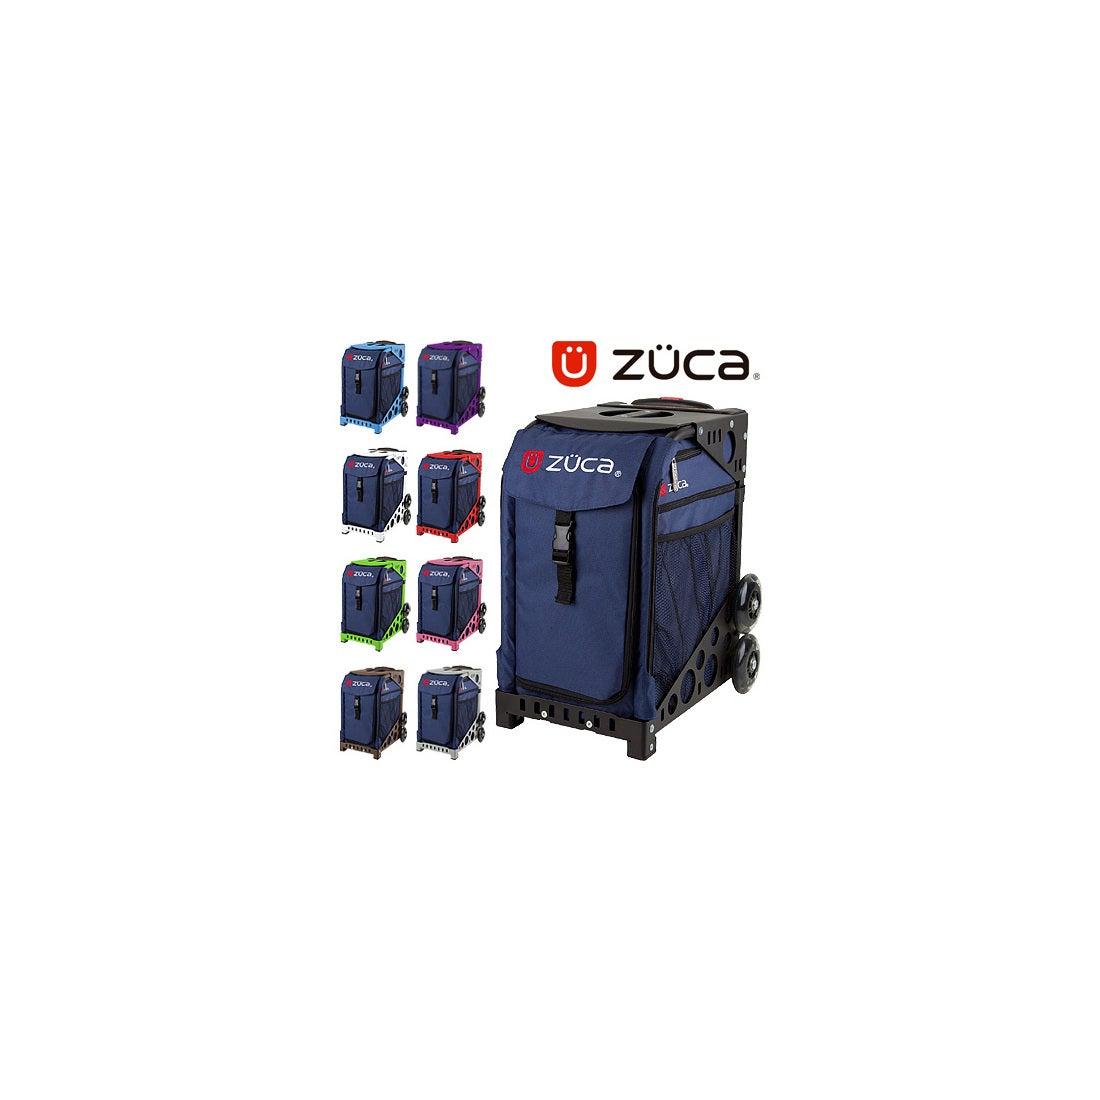 ロコンド 靴とファッションの通販サイト【セット販売】ZUCAスポーツMidnight100201Black